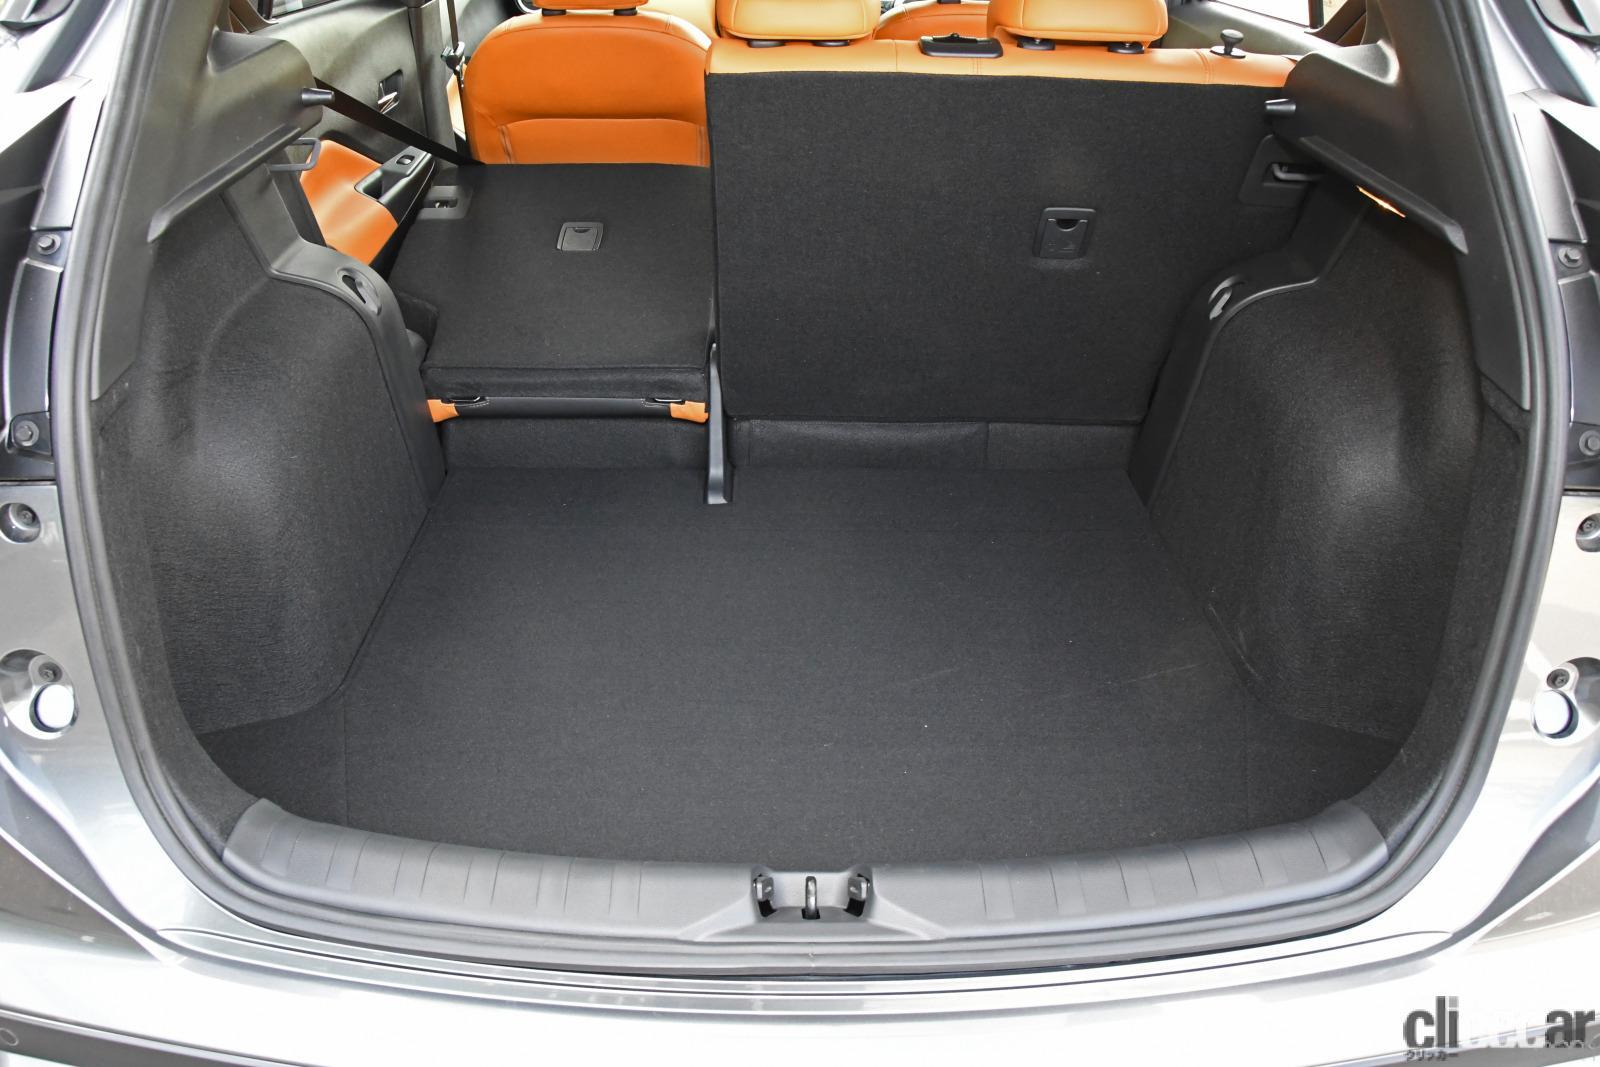 「SUVのeパワー搭載モデルが登場。コンパクトカー、ミニバンに続く第3弾【日産キックス試乗】」の8枚目の画像